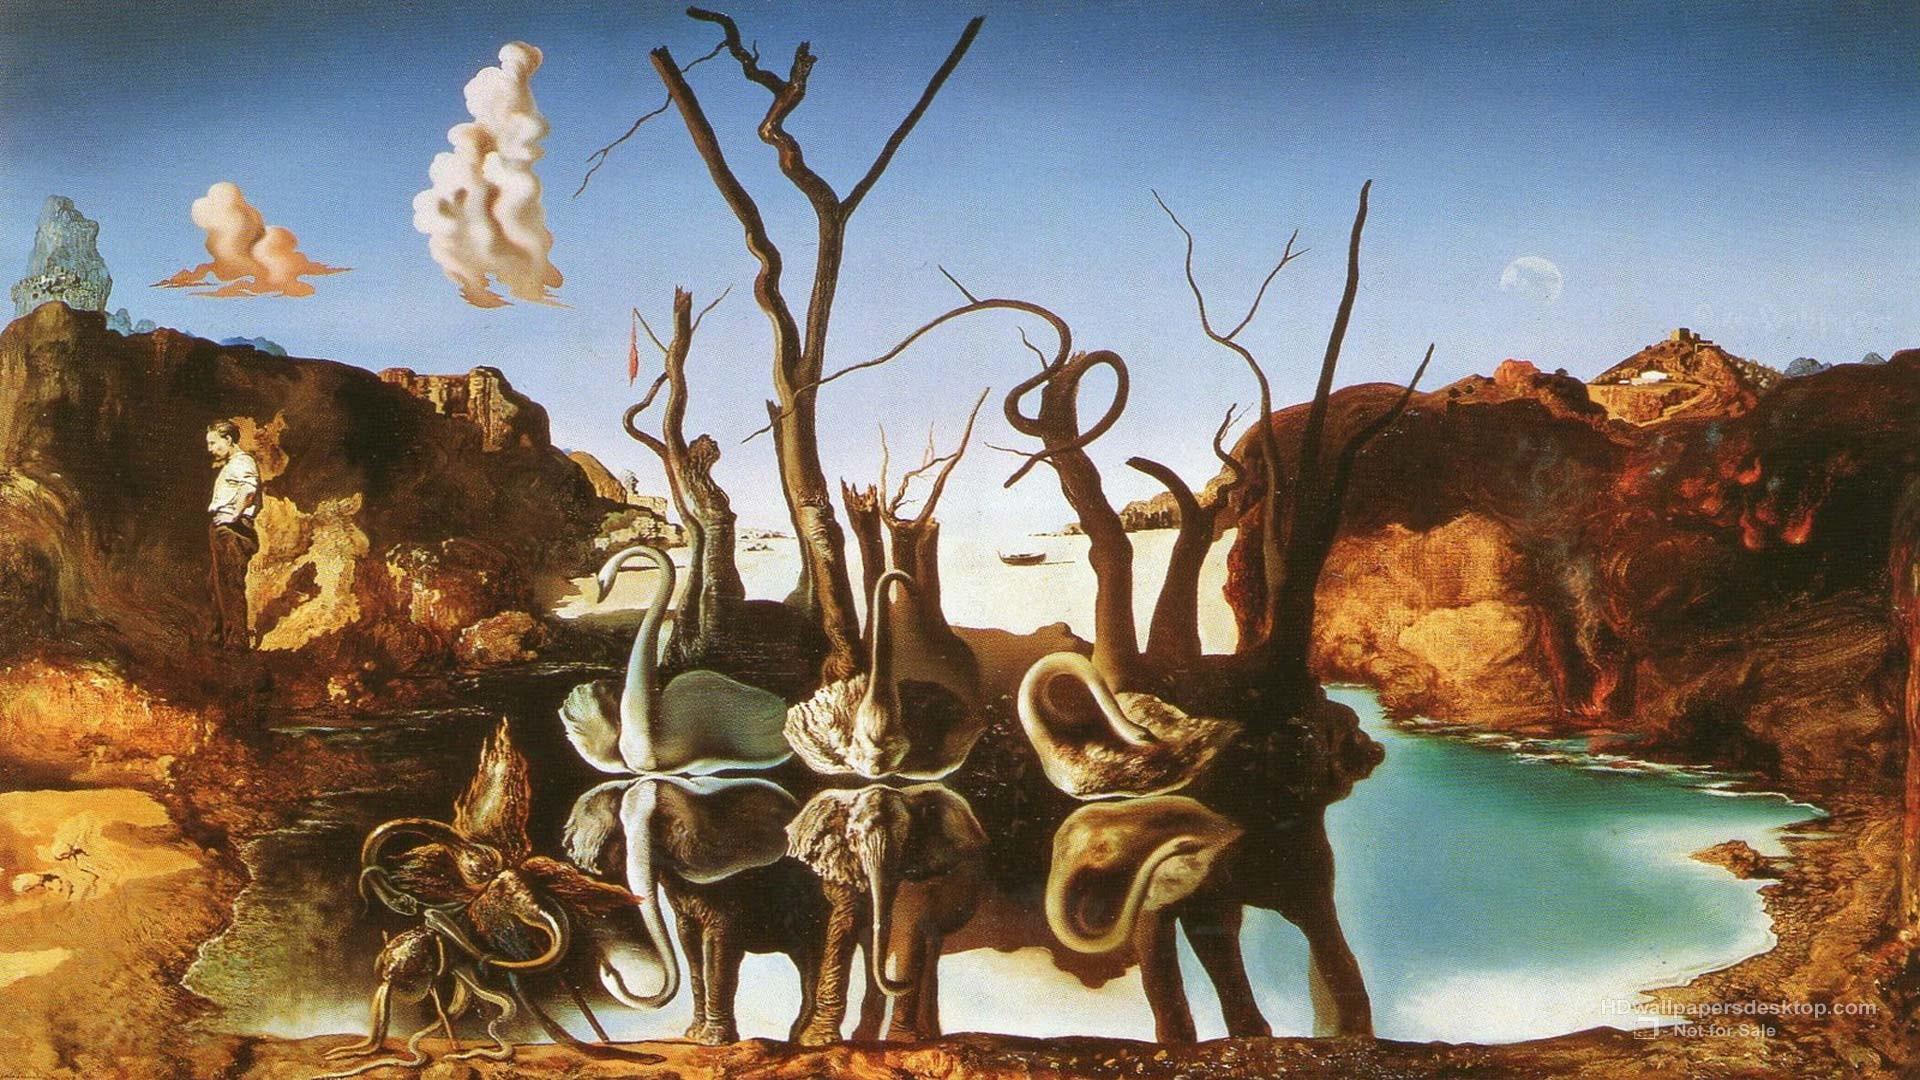 Salvador Dali Wallpapers, Art, Paintings, Desktop Wallpapers